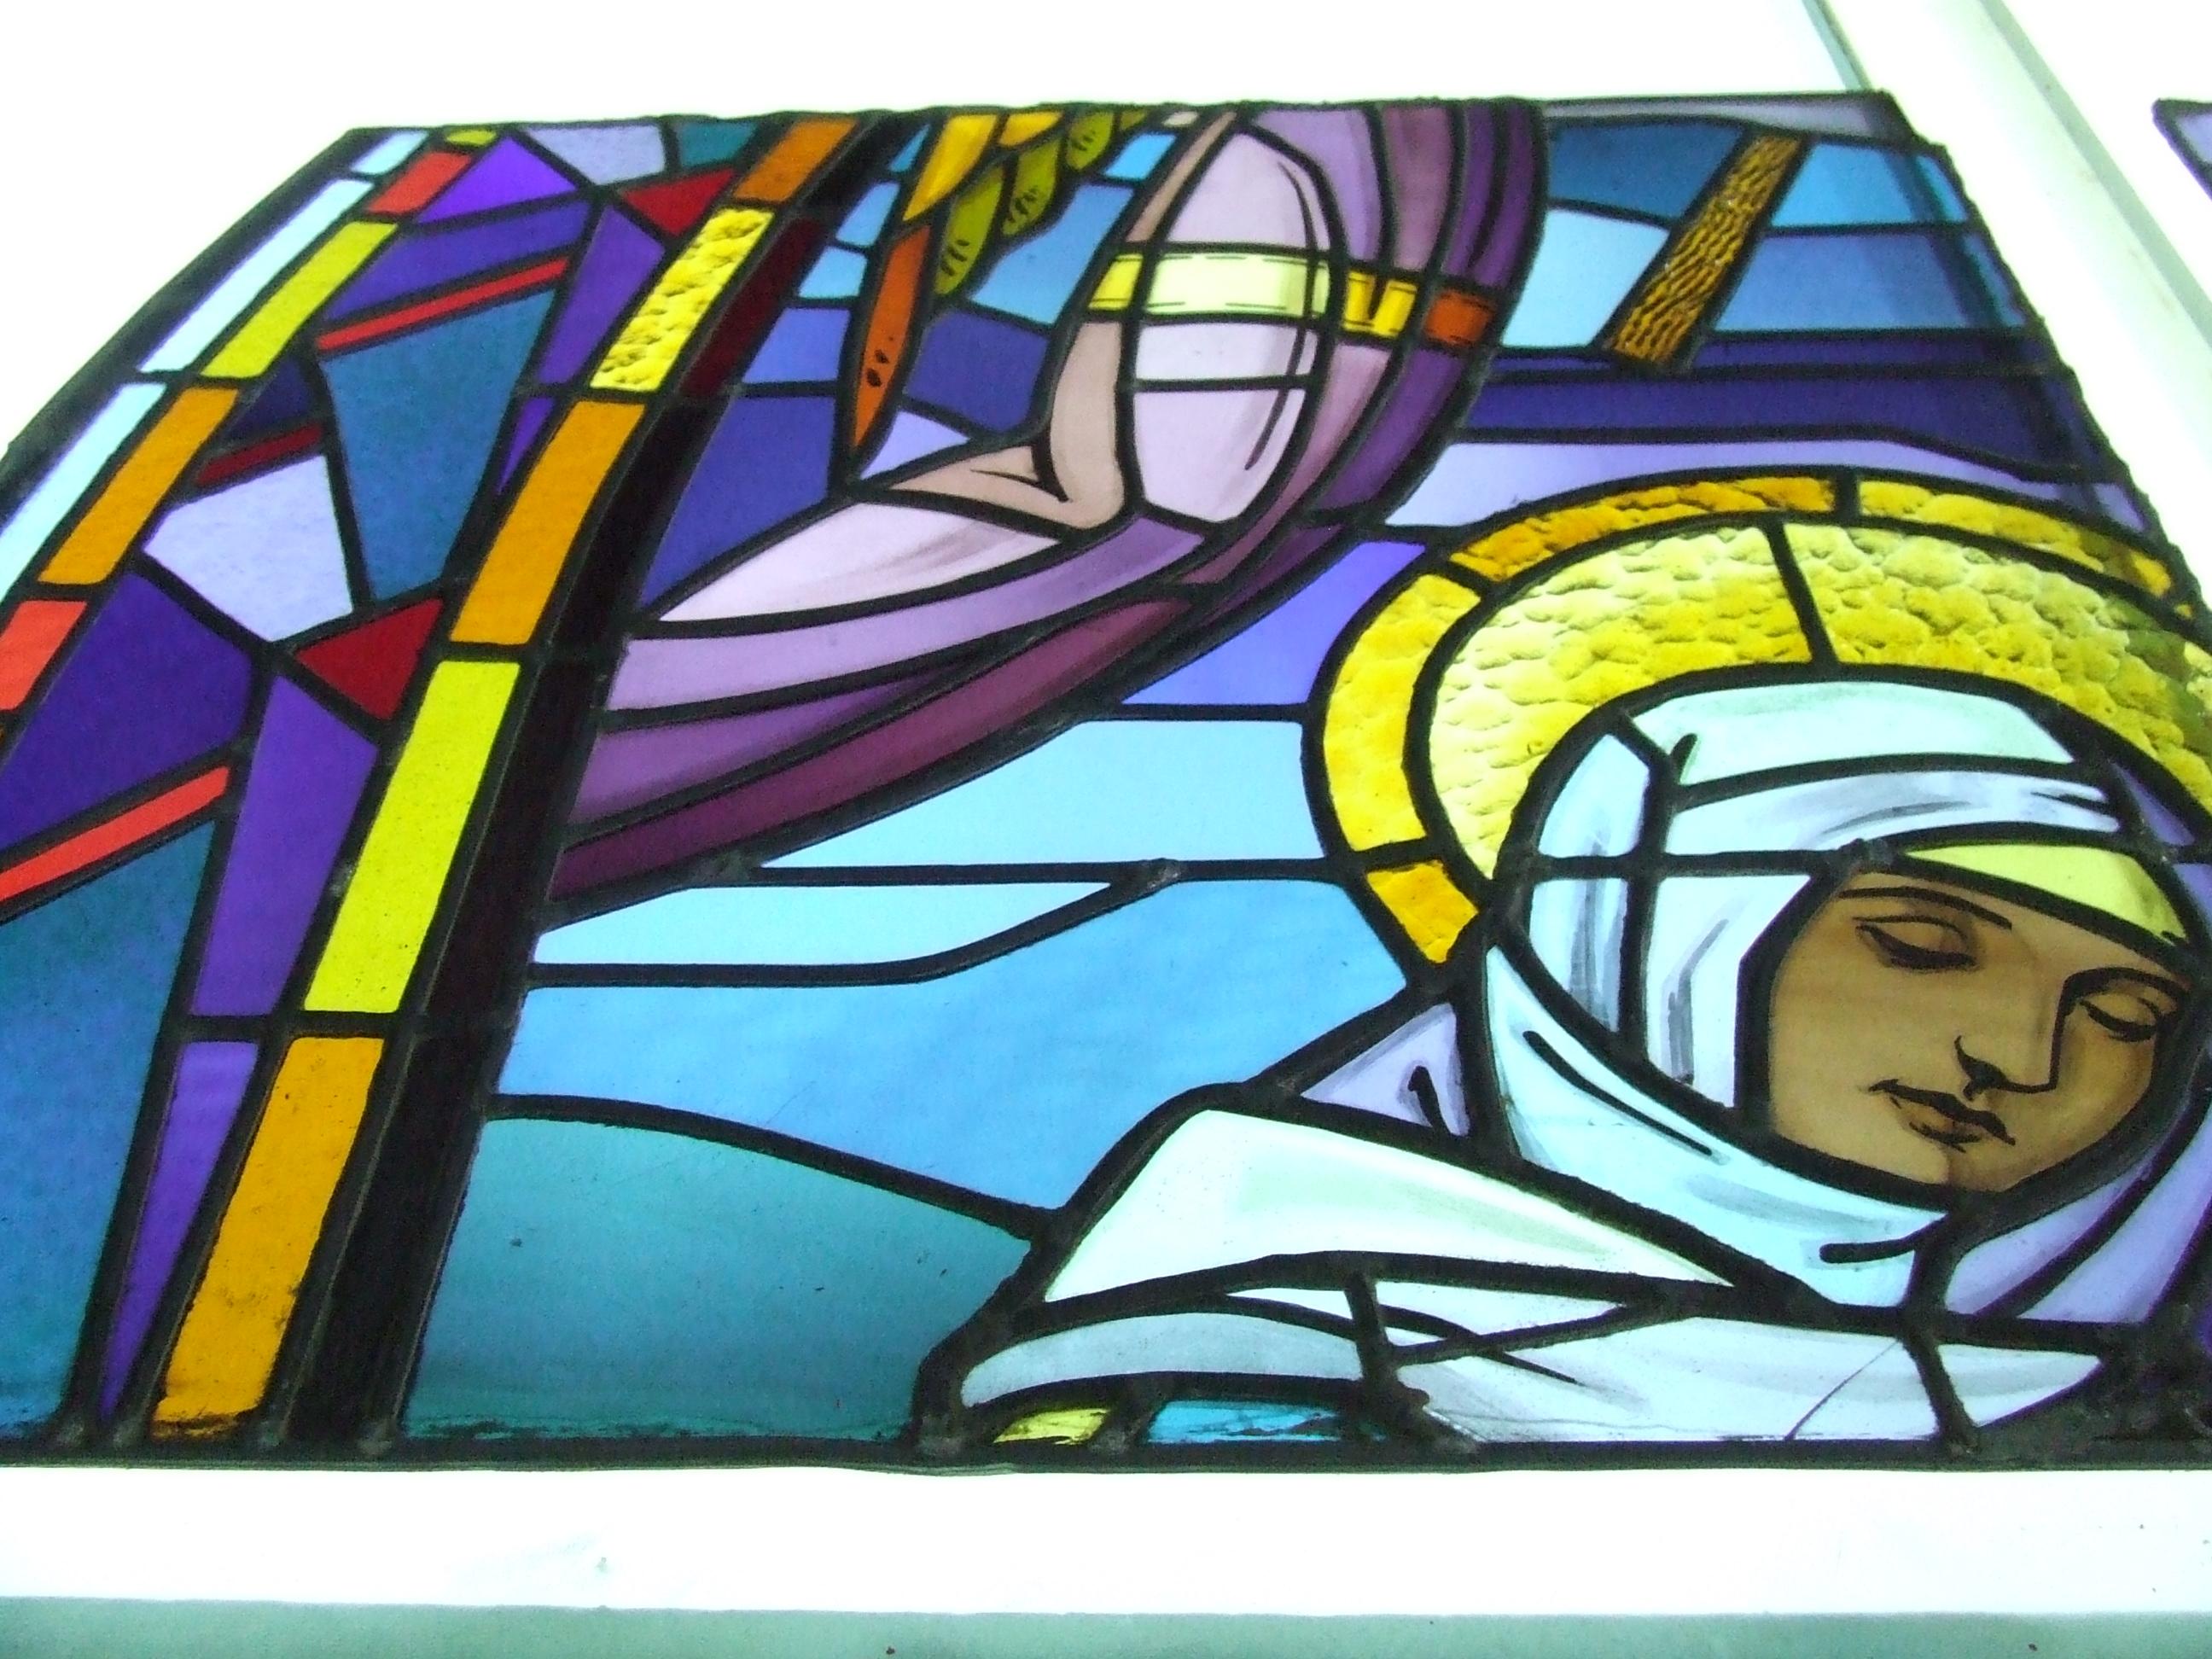 Restauration en cours de 3 vitraux de l'église